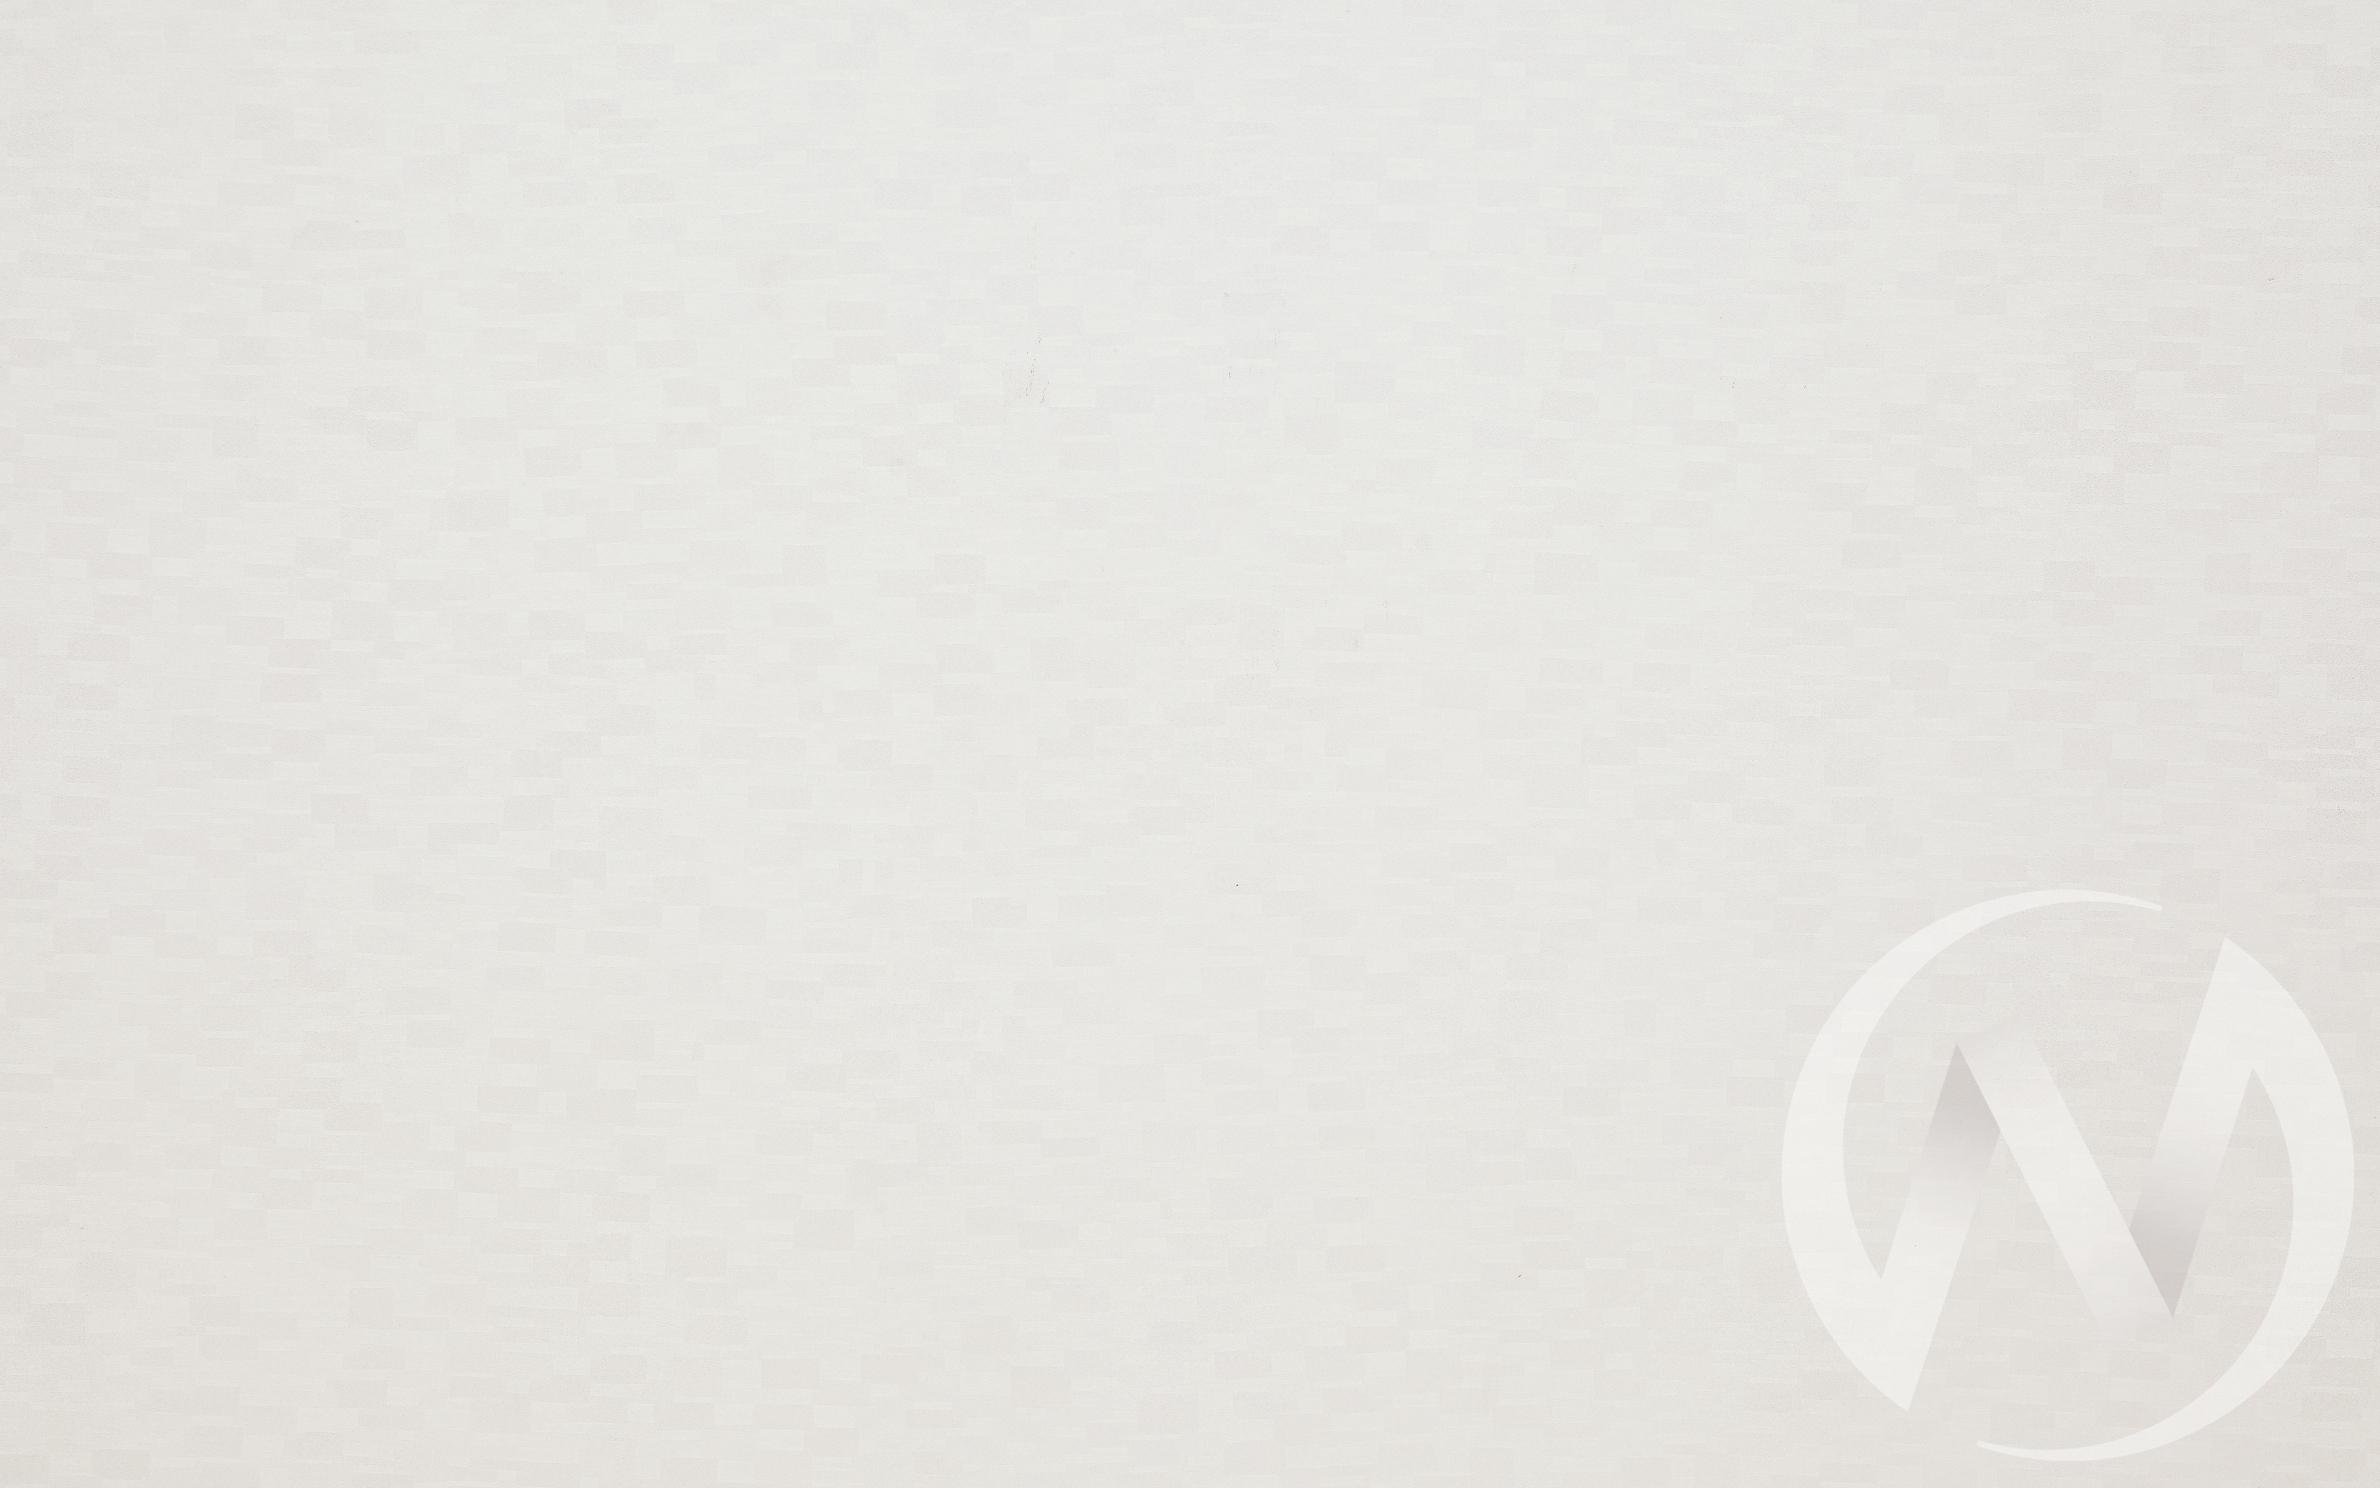 Столешница 3000х600/38мм (№ 38гл белый перламутр) в заводской упаковке